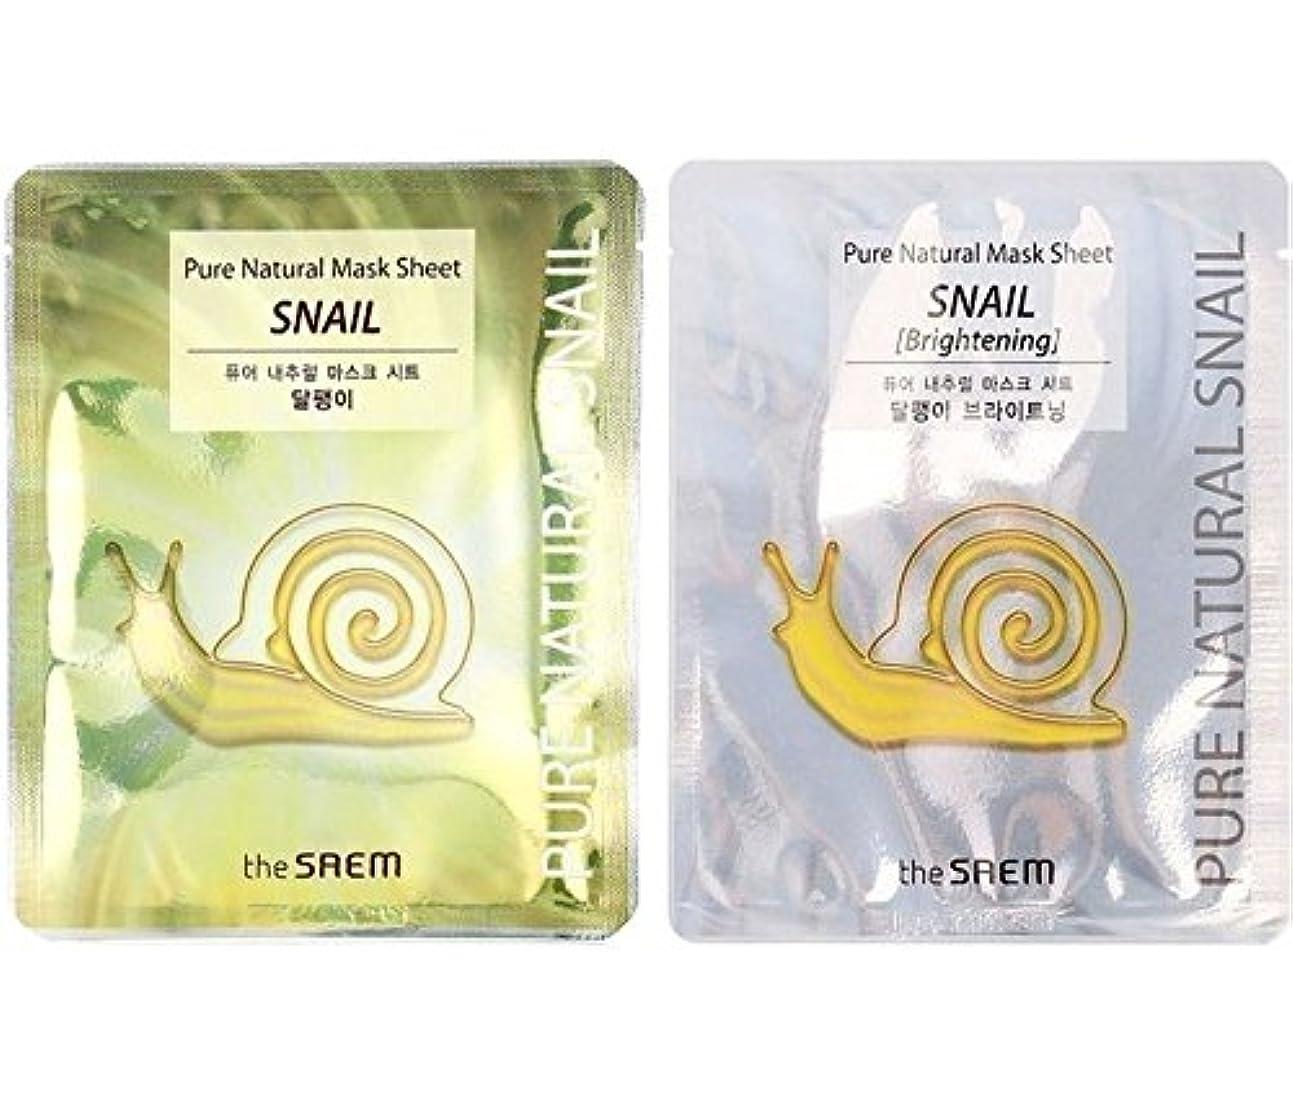 怖がらせるビリーヨーグルト(ザセム) The Saem 韓国マスクパックカタツムリ20枚セット(10+10) ピュアナチュラルマスクシートスネイルブライトニング Pure Natural Mask Sheet Snail Brightening...